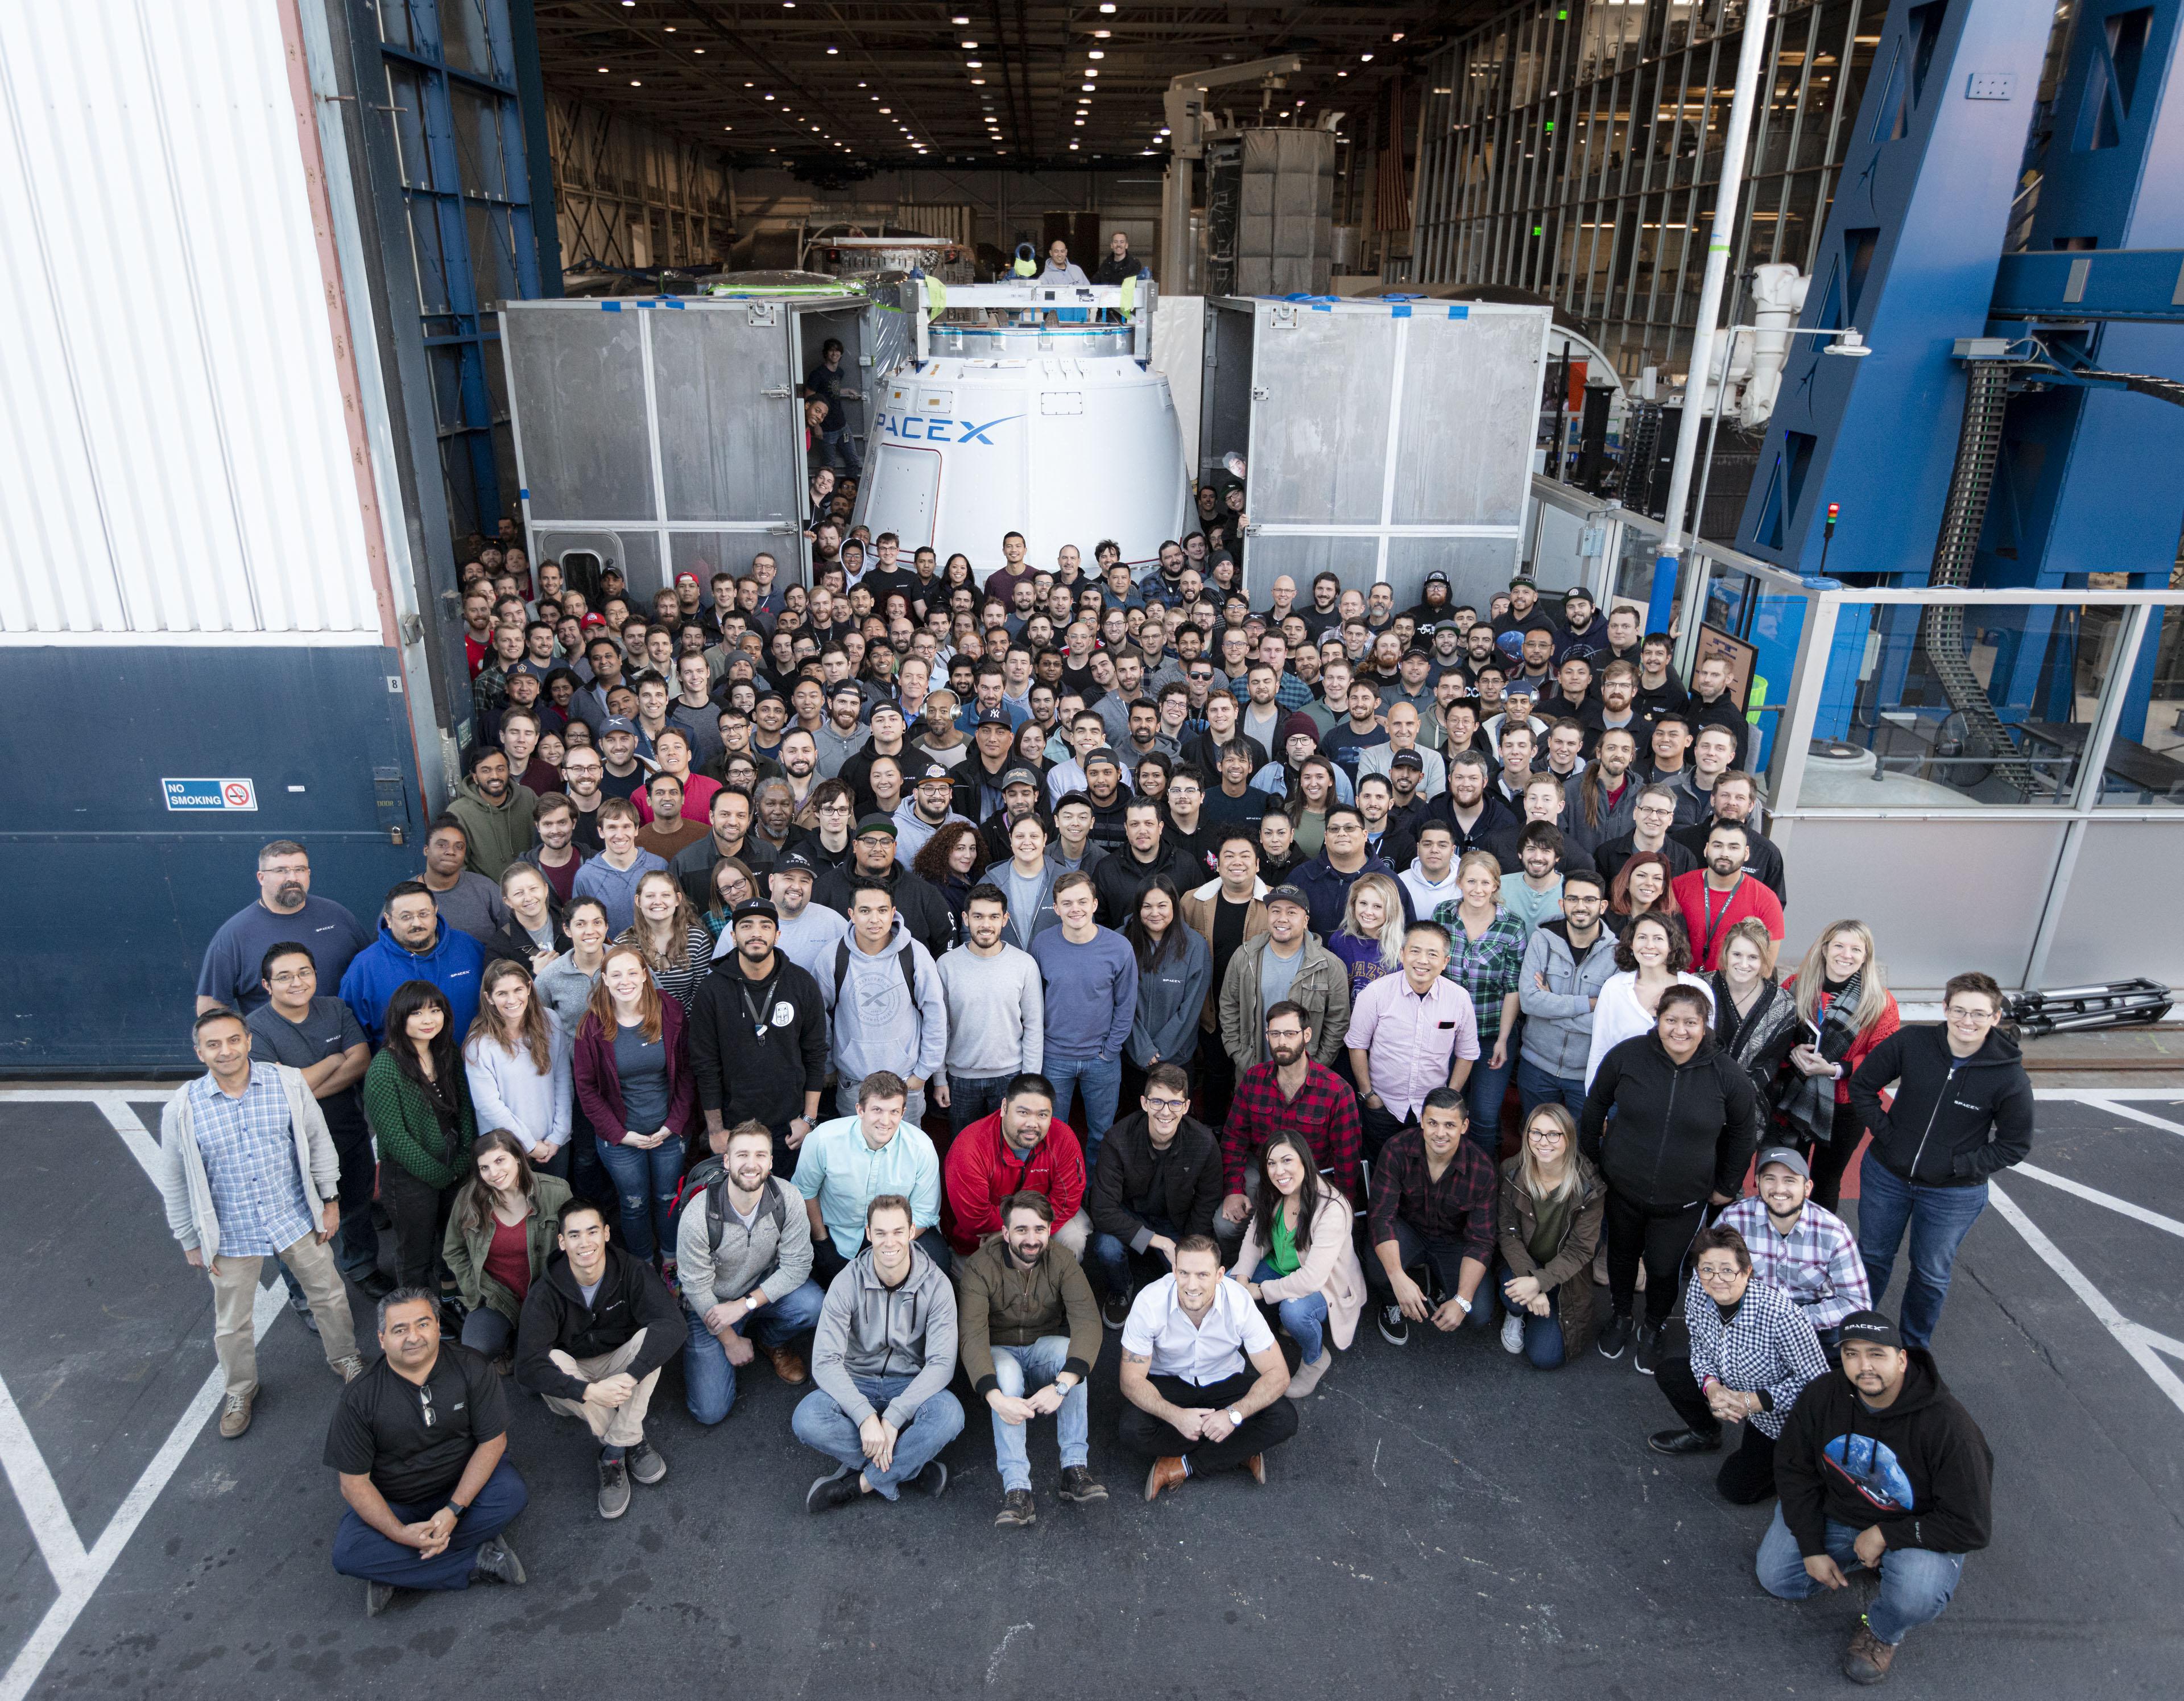 Ostatni Dragon 1 przed transportem na Cape Canaveral, wraz z odpowiedzialnym za niego zespołem pracowników SpaceX (Źródło: Reddit/SpaceX)